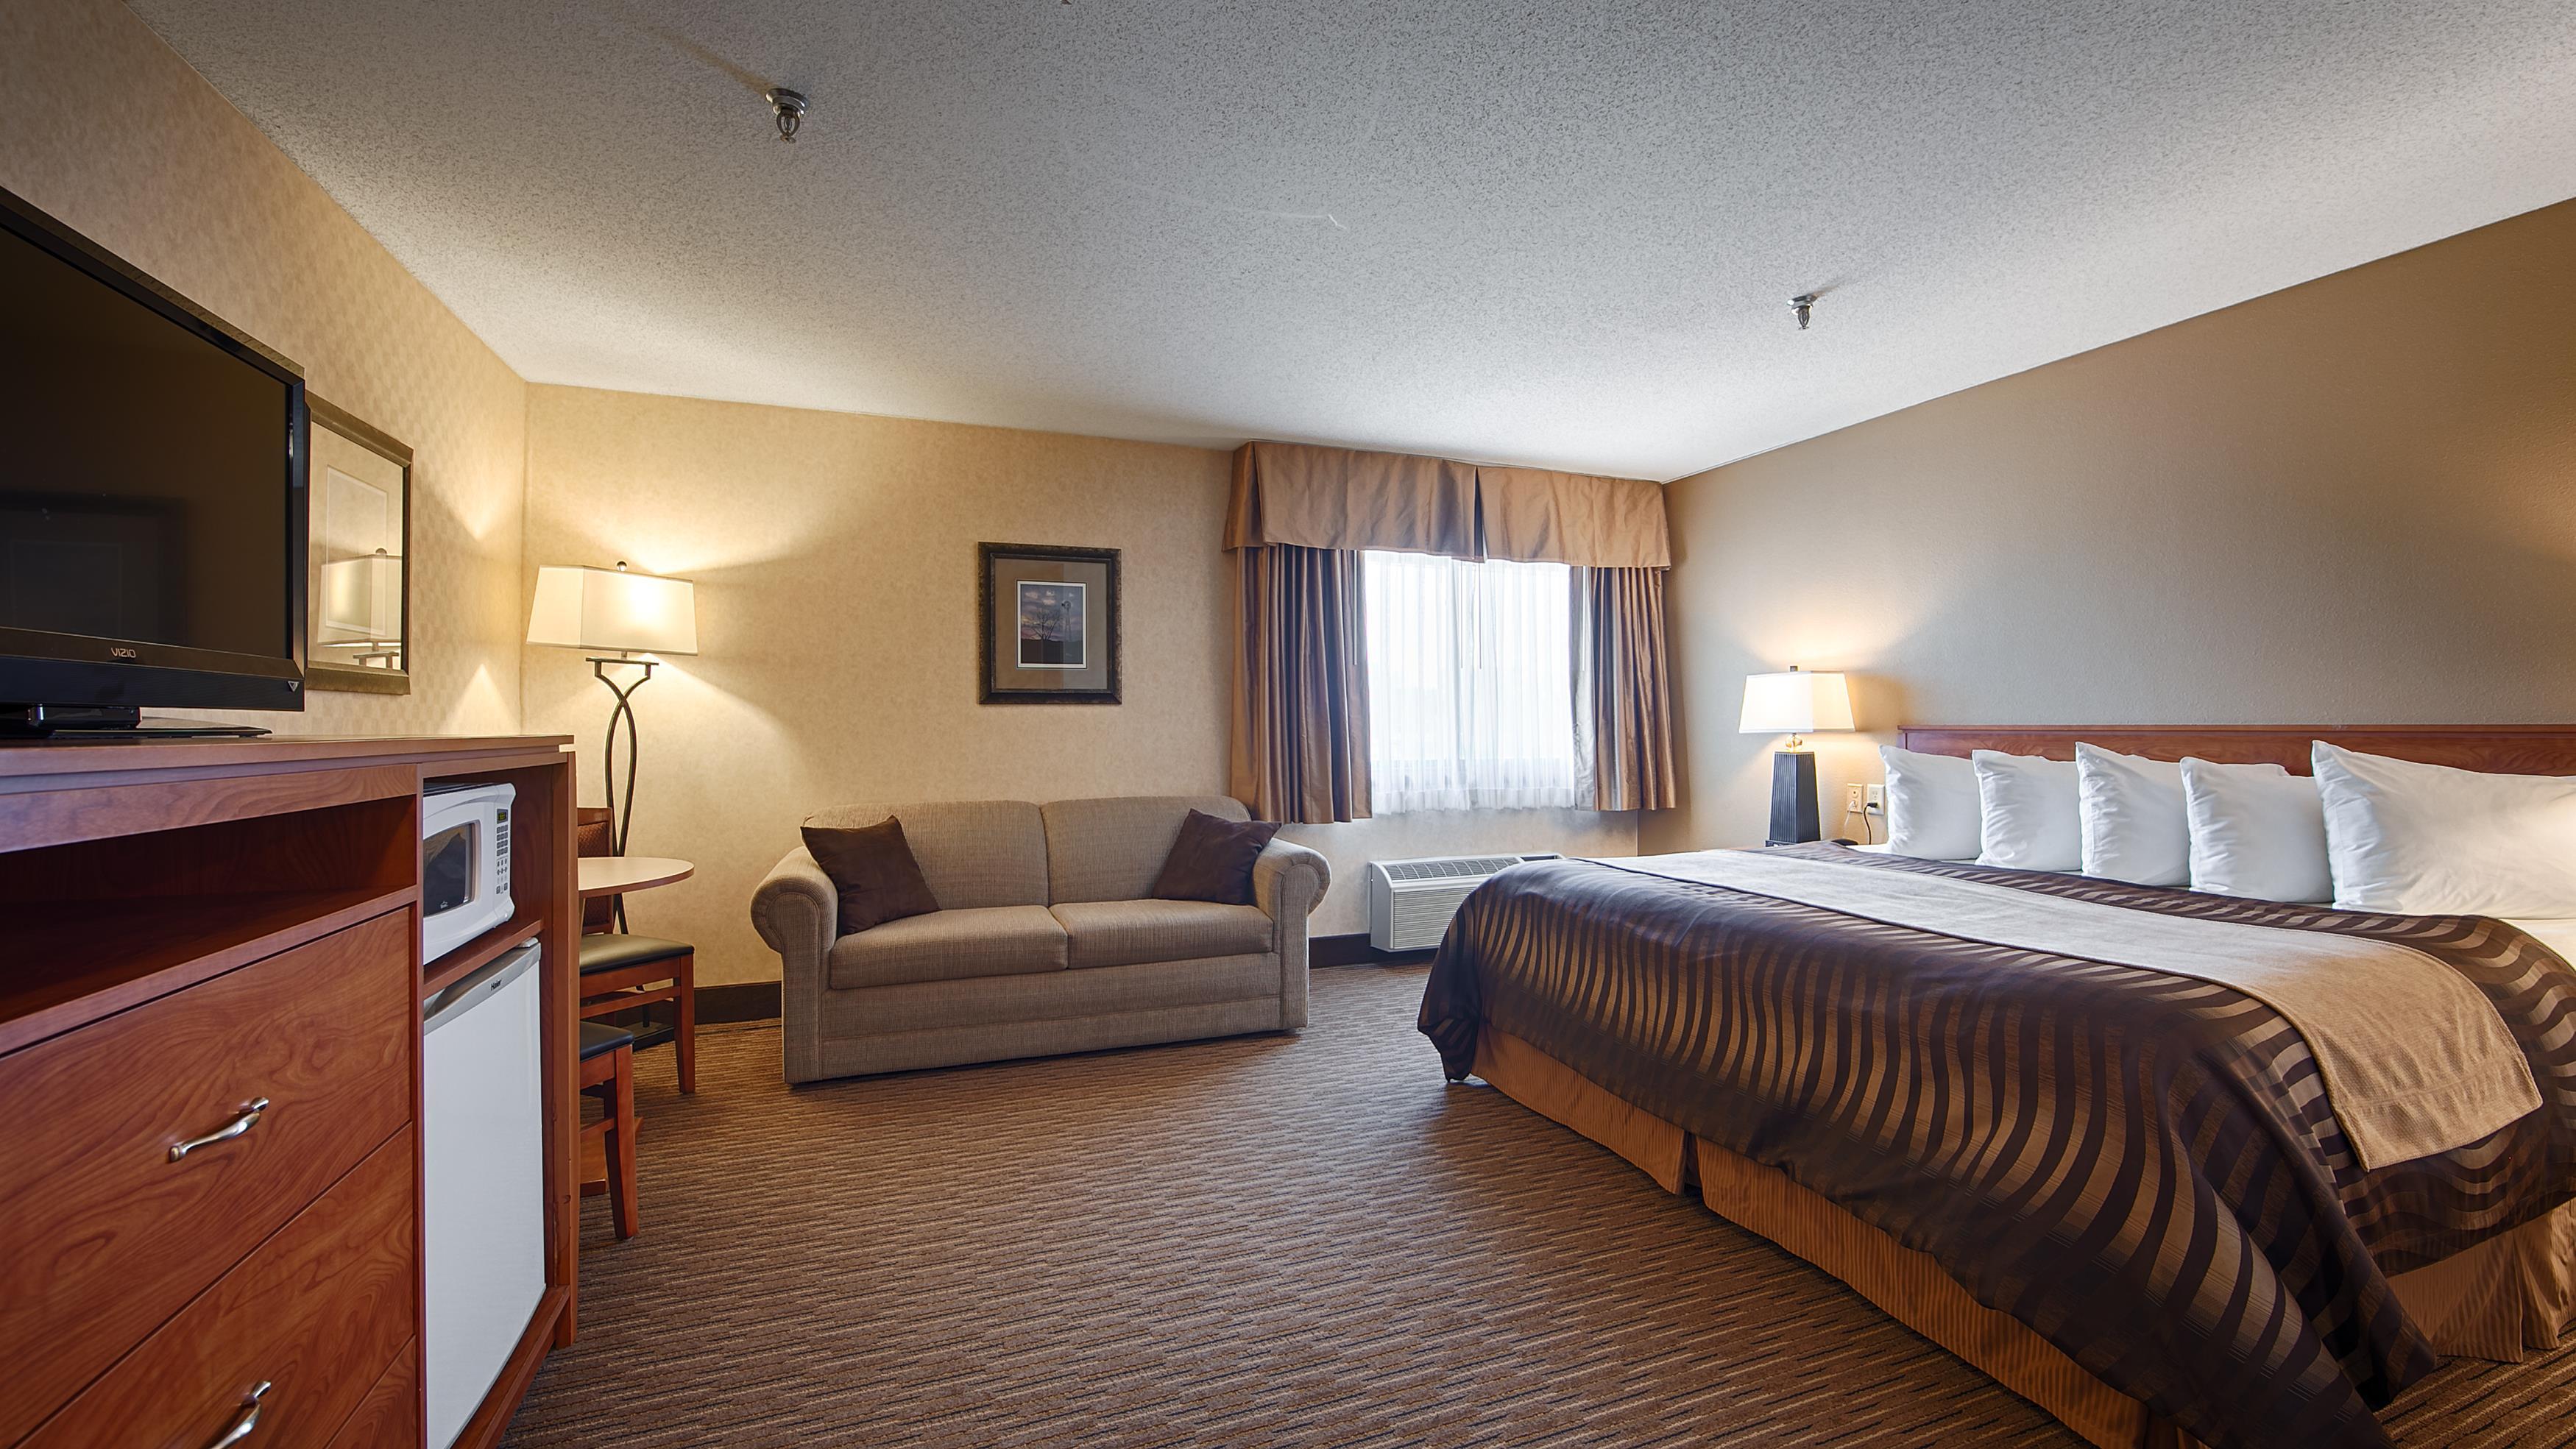 BEST WESTERN Vermillion Inn, Vermillion SD